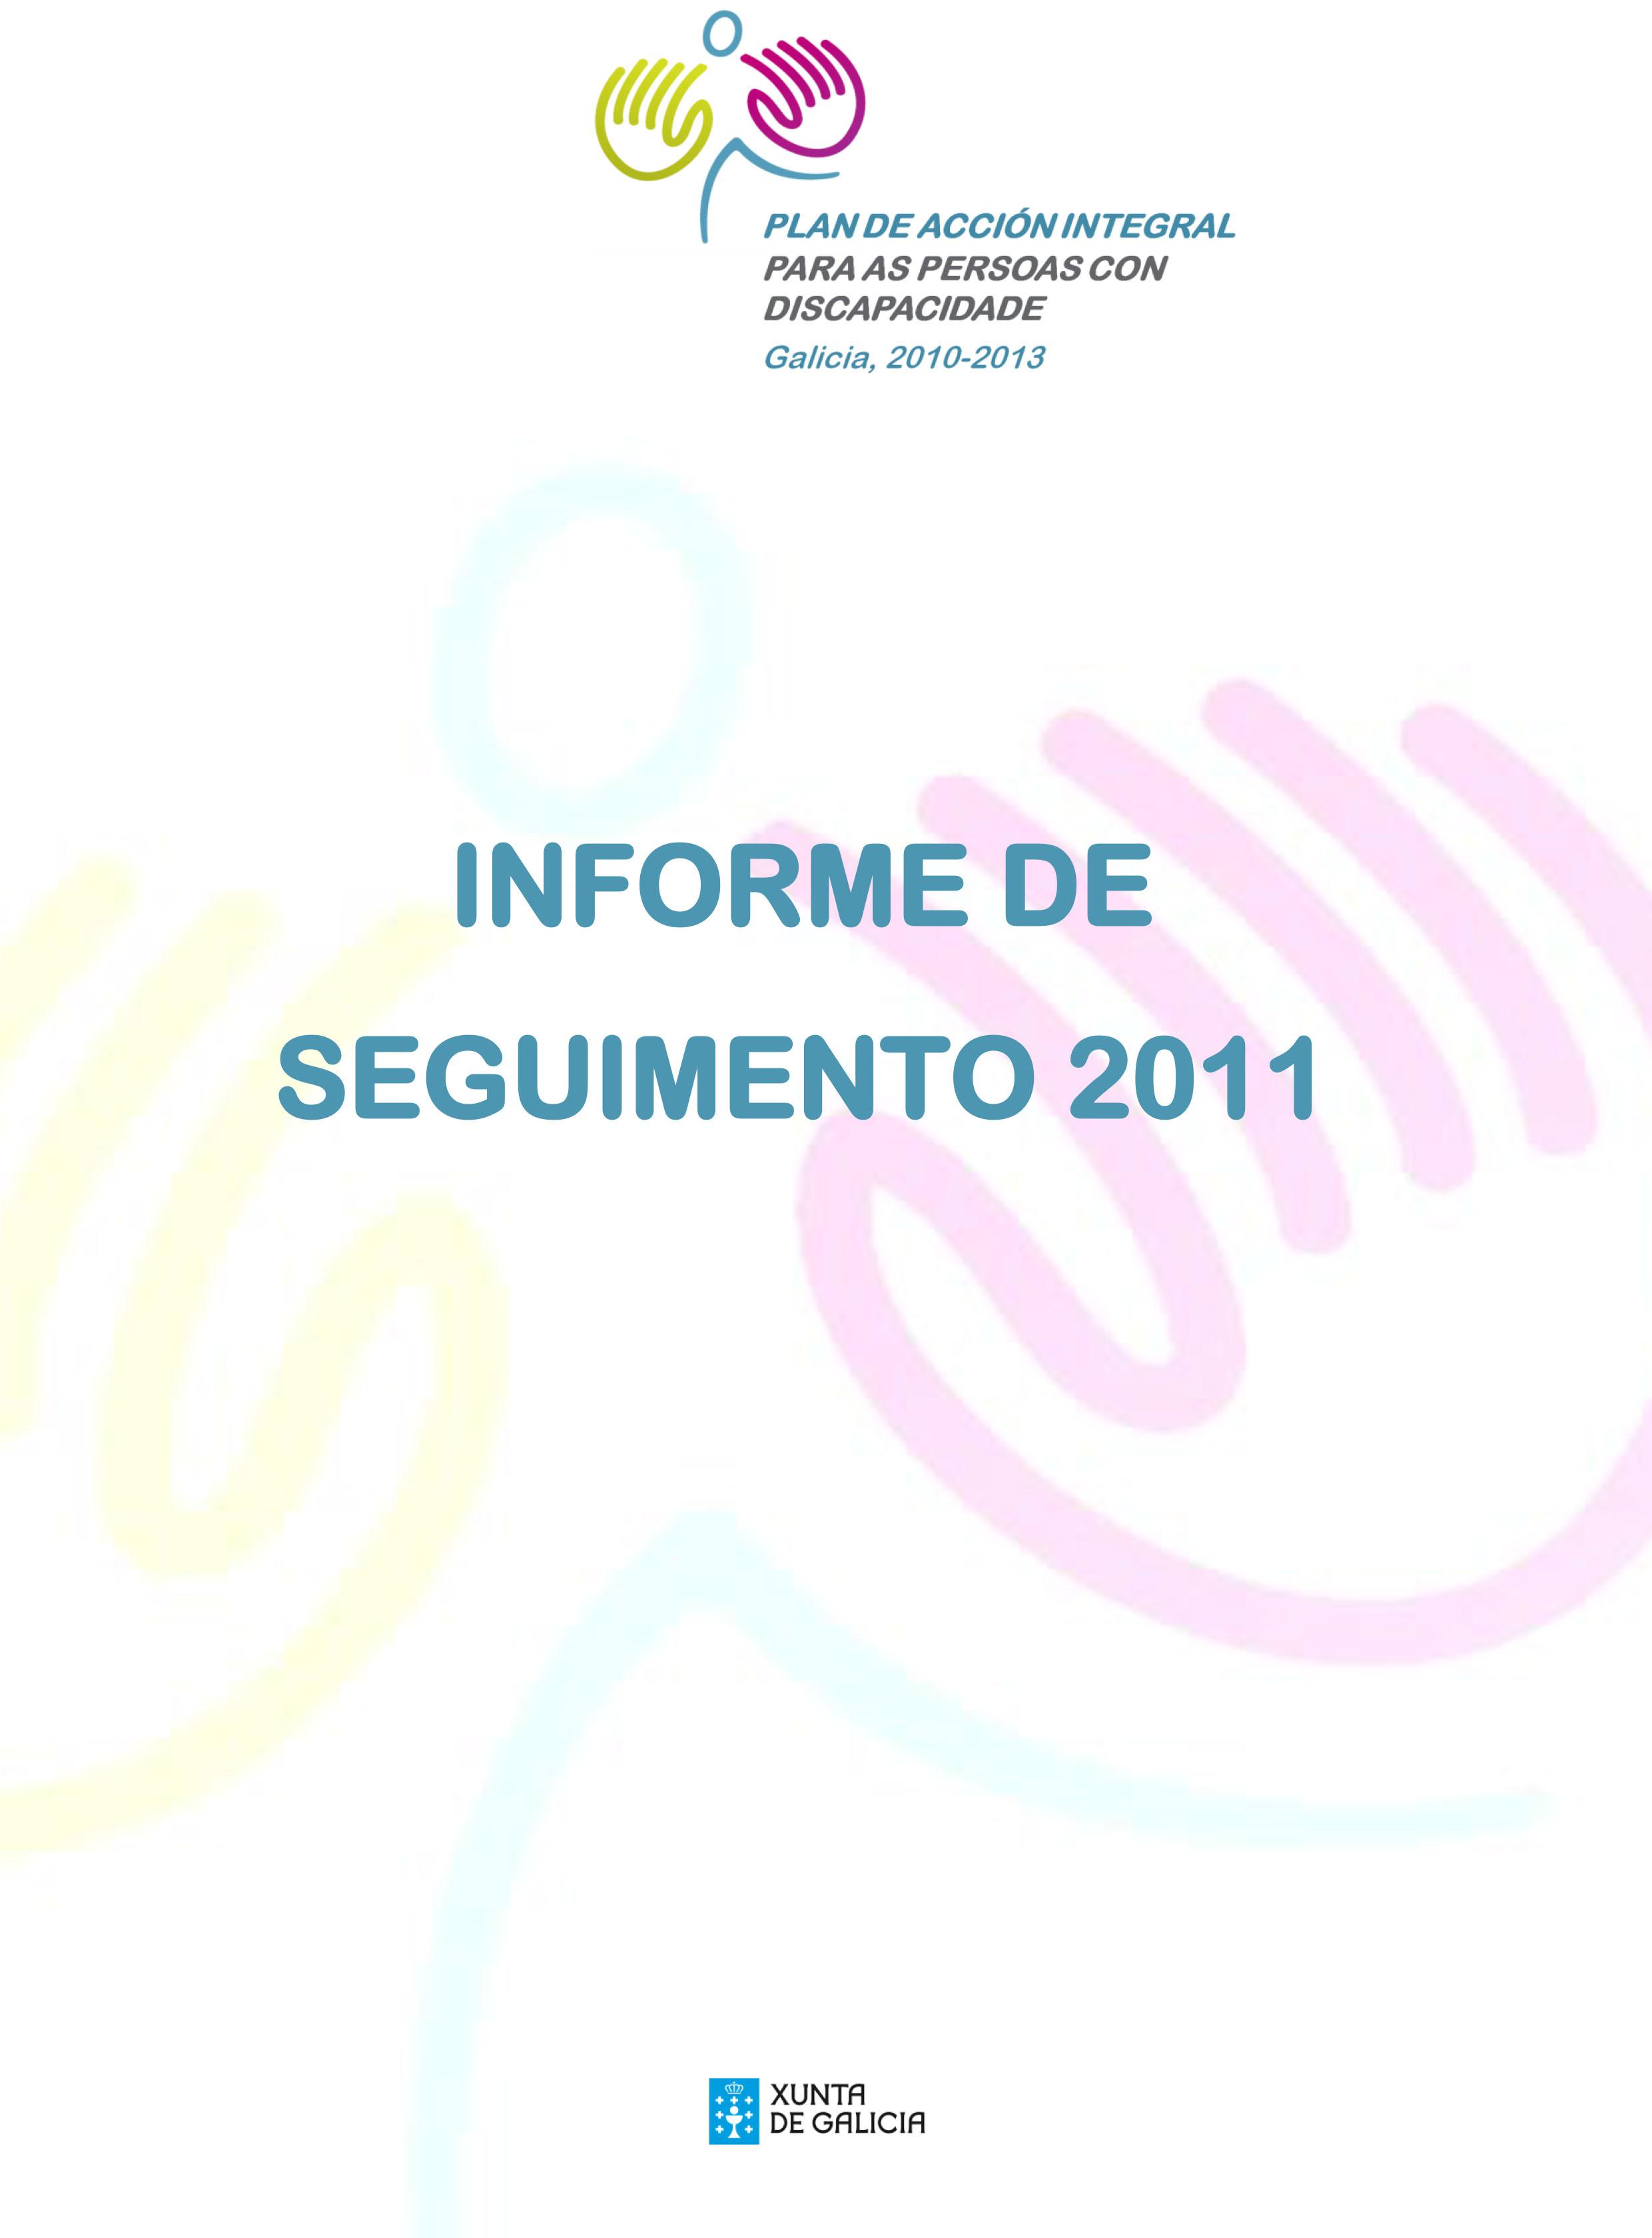 Informe de Seguimento 2011 do Plan de Acción Integral para as persoas con discapacidade